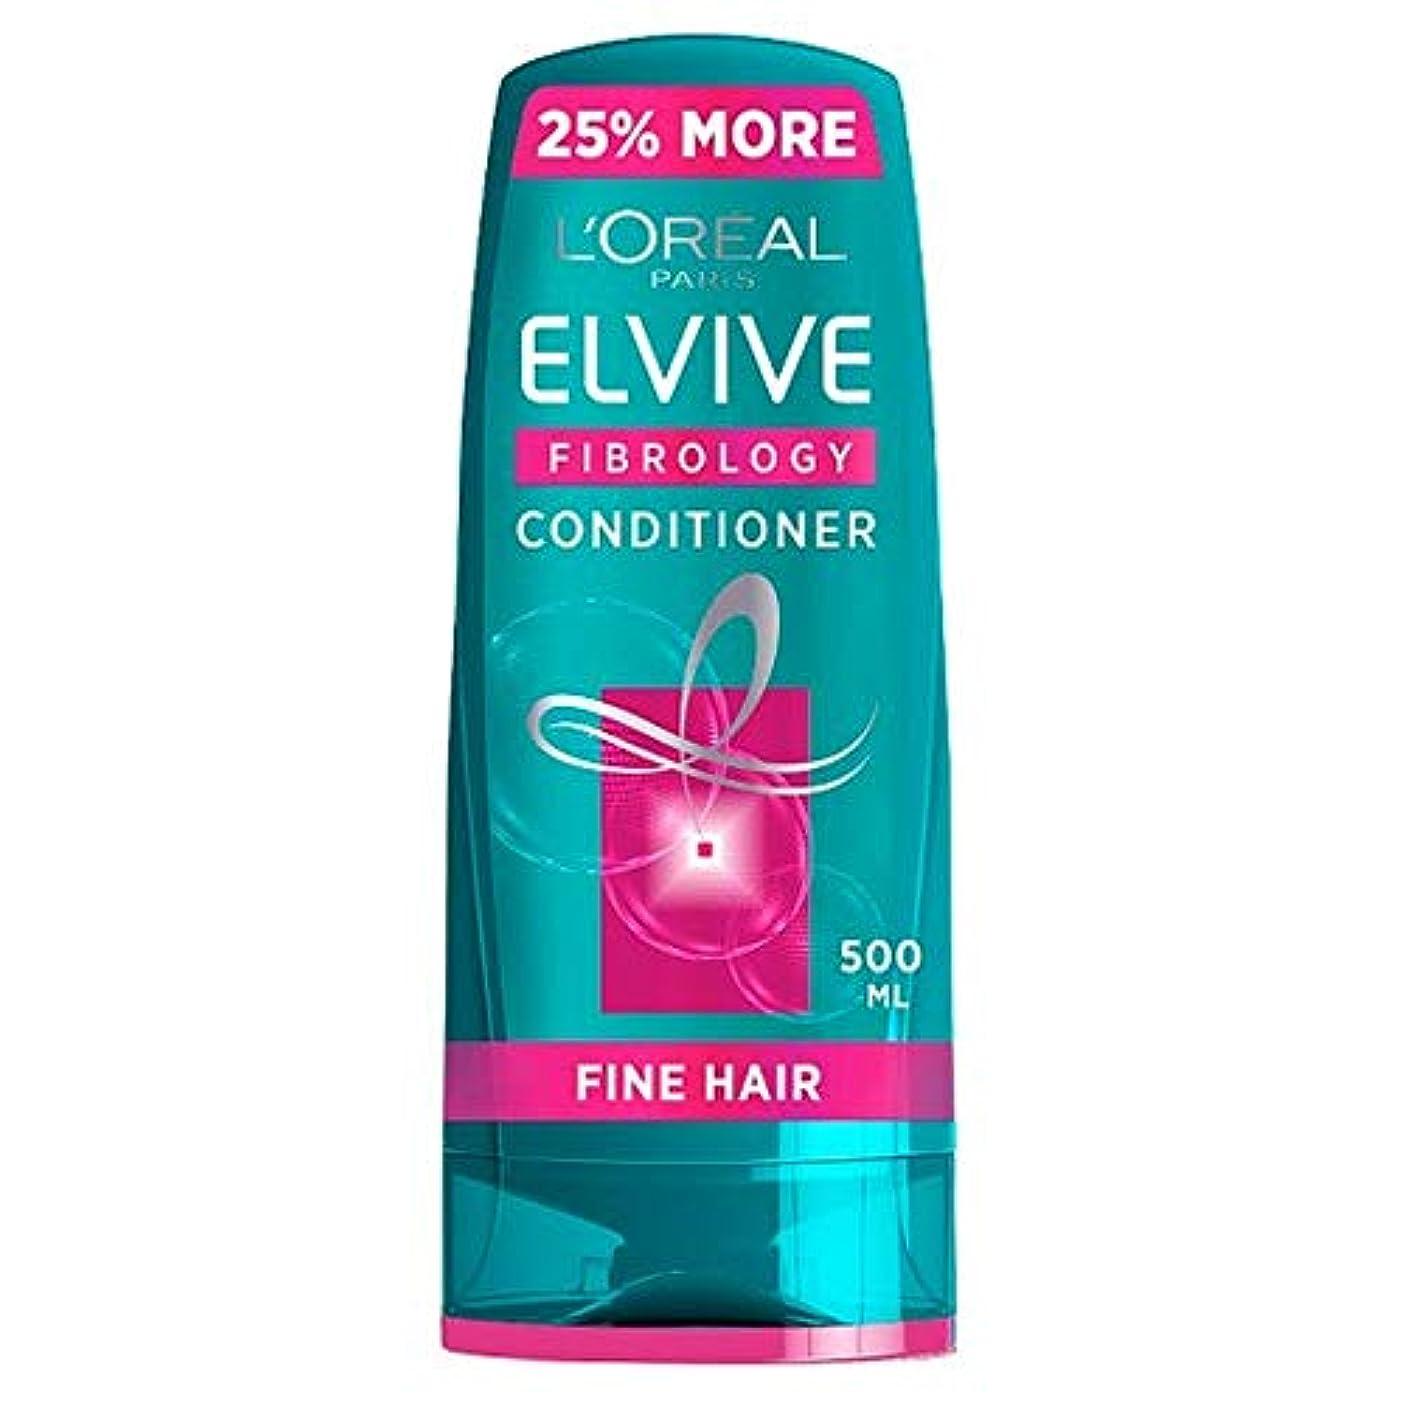 遊びますポテト分析する[Elvive] ロレアルElvive Fibroligy細いヘアコンディショナー500ミリリットル - L'oreal Elvive Fibroligy Fine Hair Conditioner 500Ml [並行輸入品]